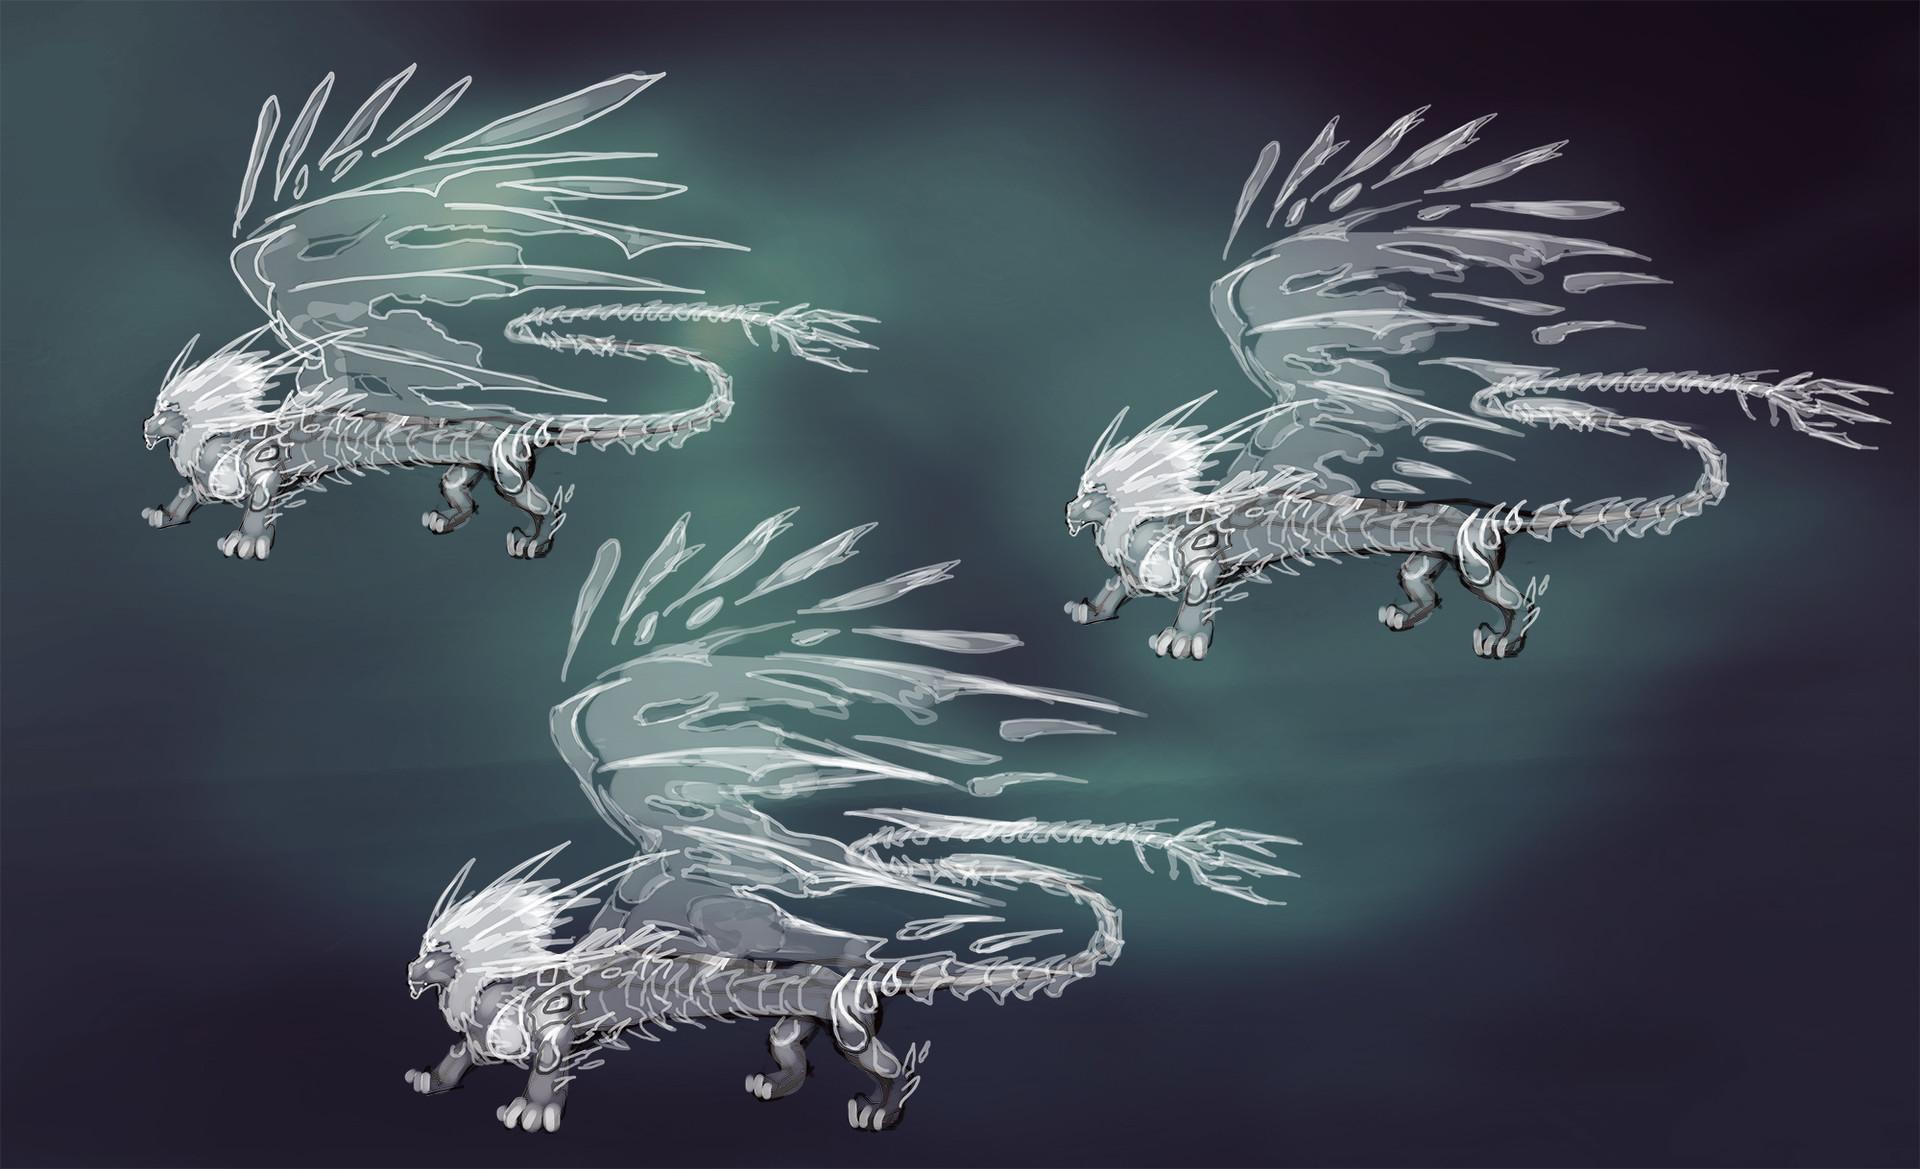 Orm irian icelion01